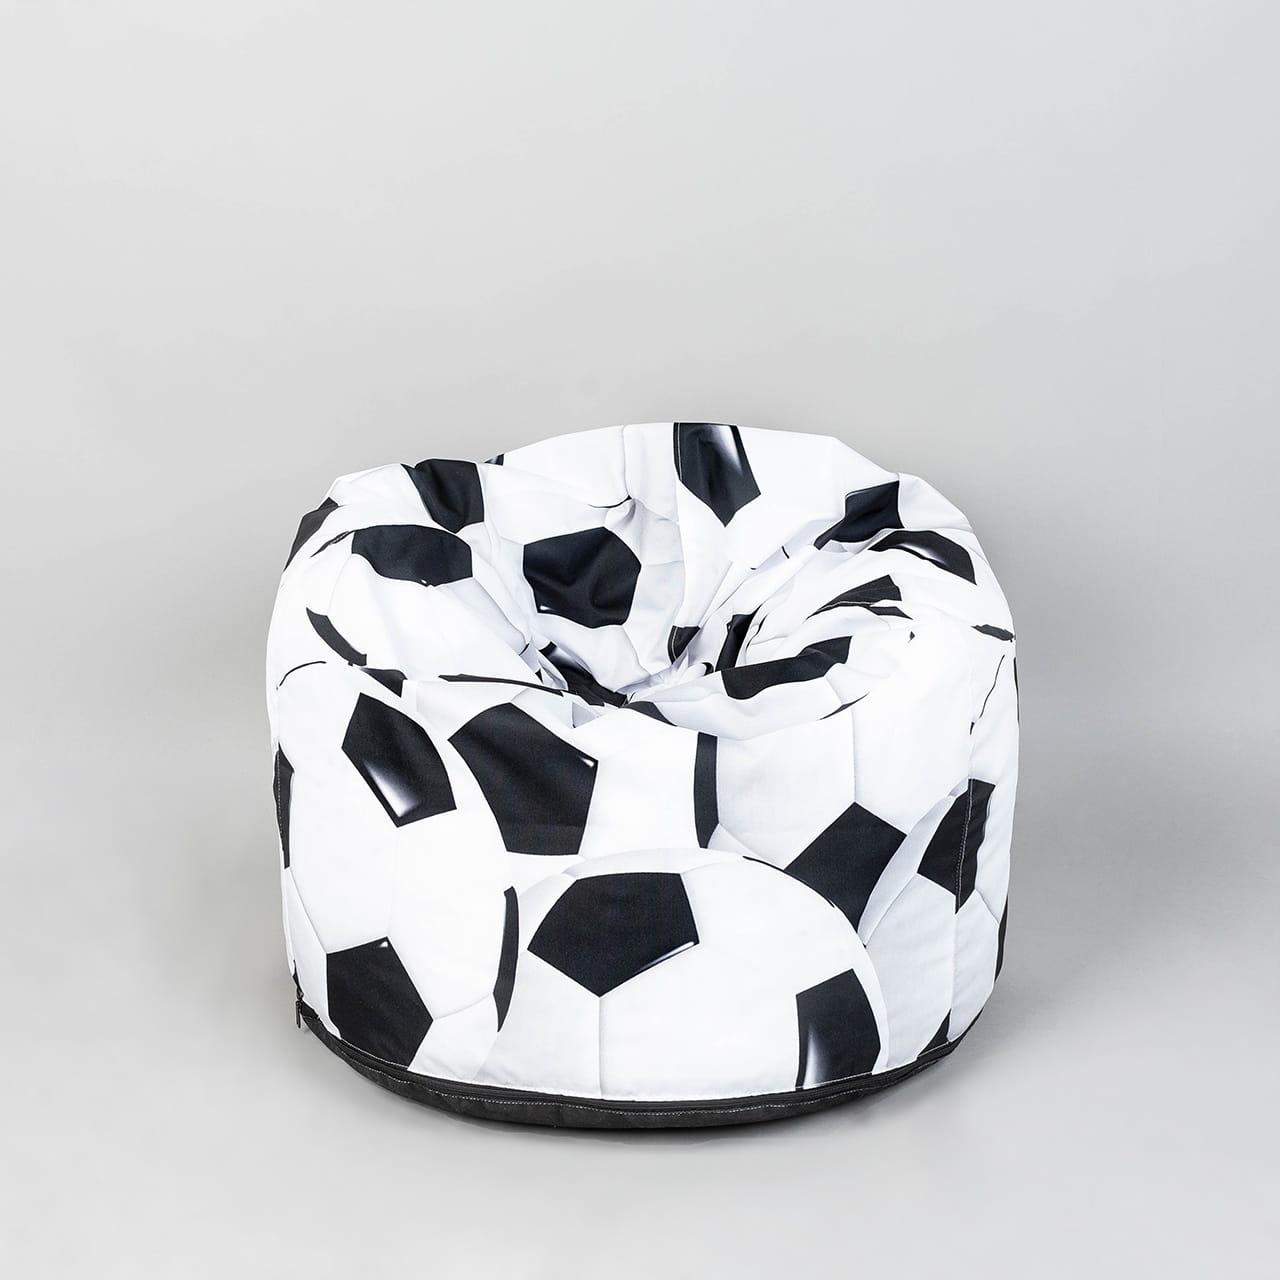 Pufa worek to oryginalny prezent dla piłkarza